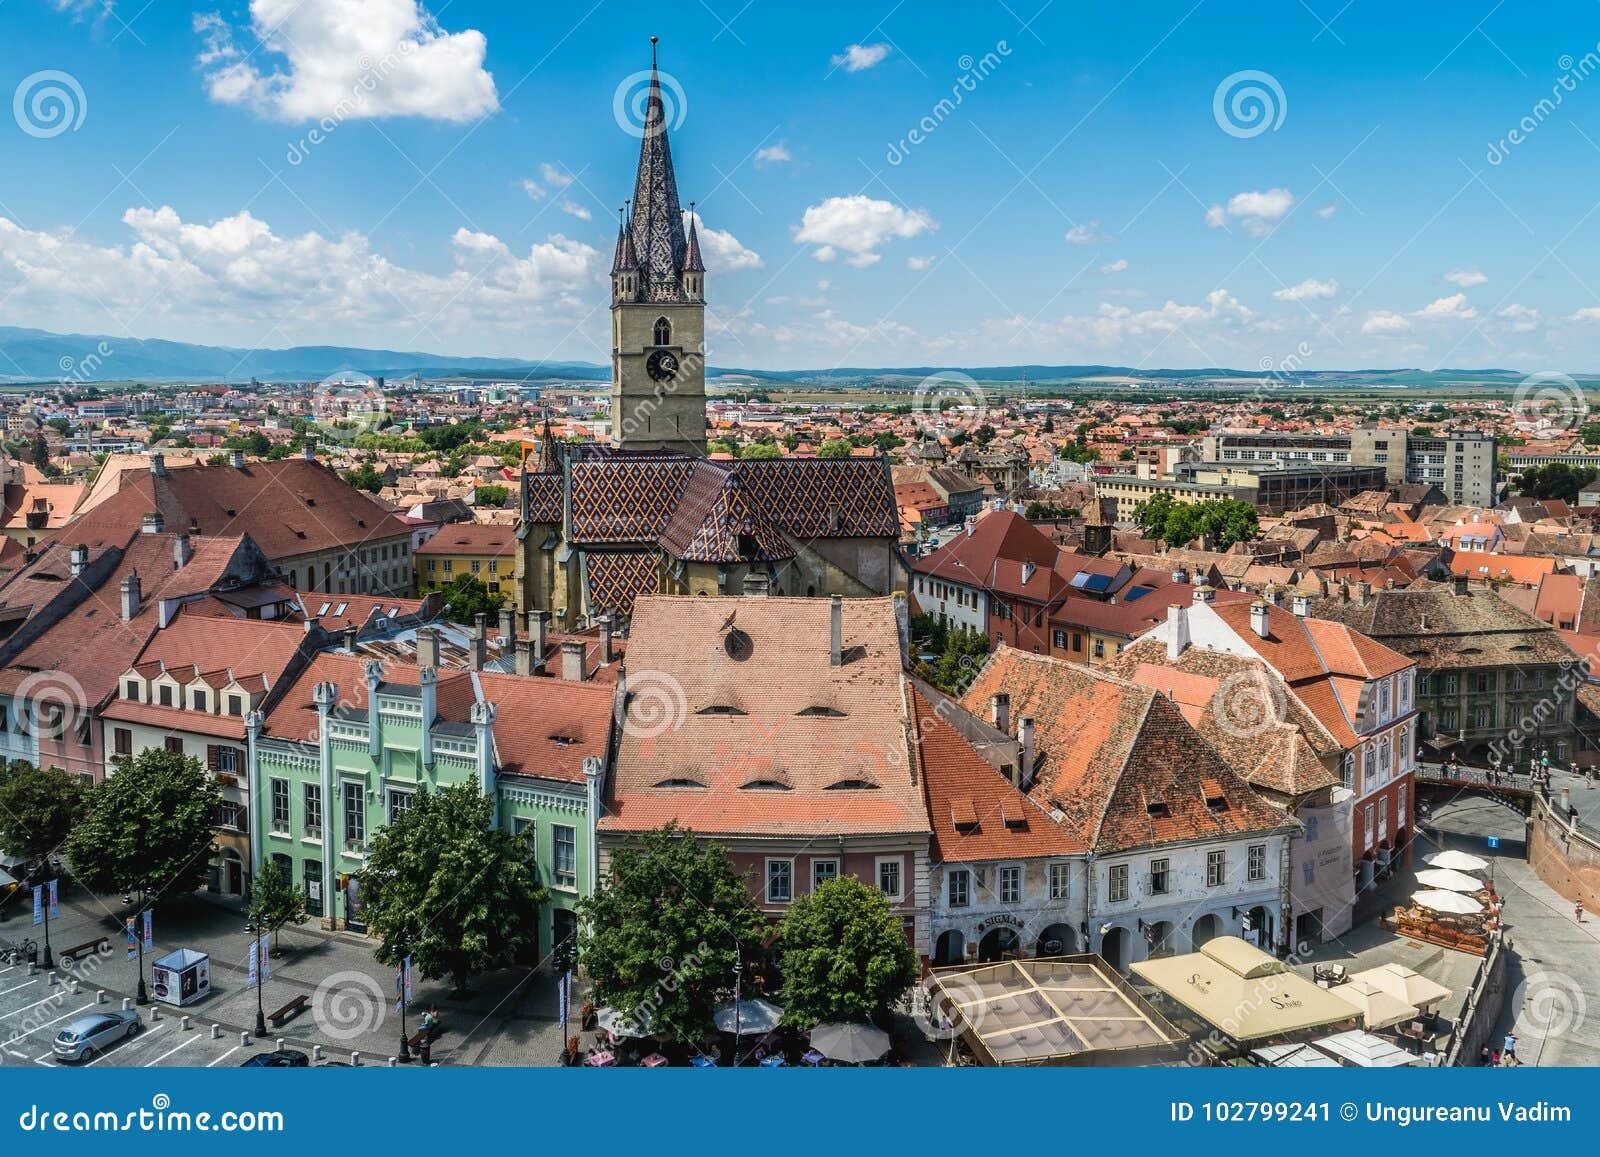 Überblick über Sibiu, Ansicht von oben, Siebenbürgen, Rumänien, Juli